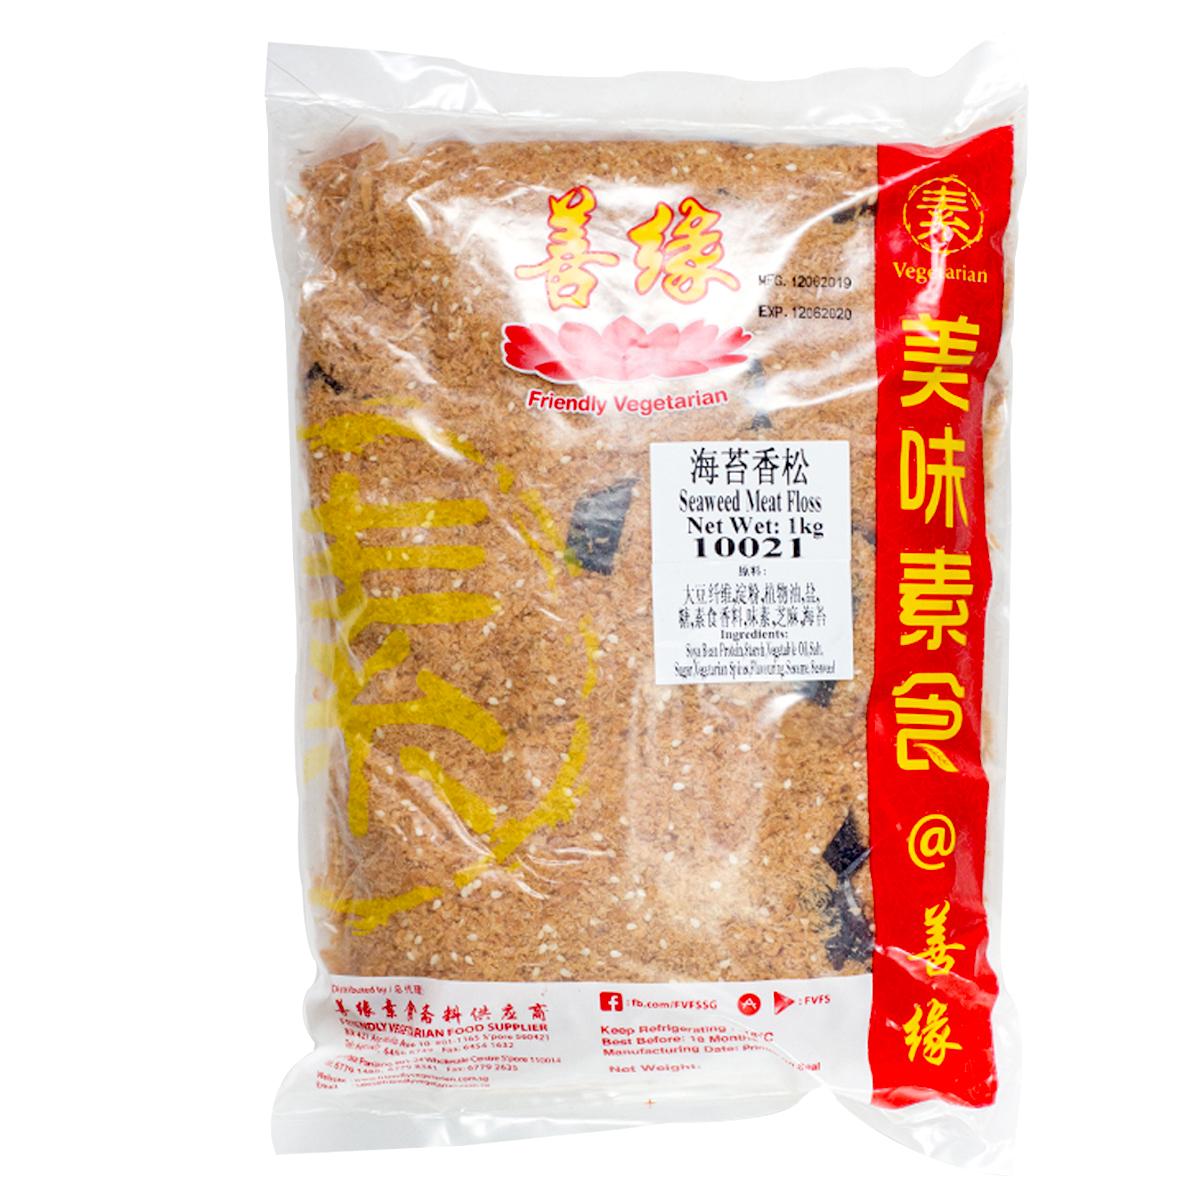 Image Seaweed Meat Floss 善缘 - 海苔肉松 1000grams